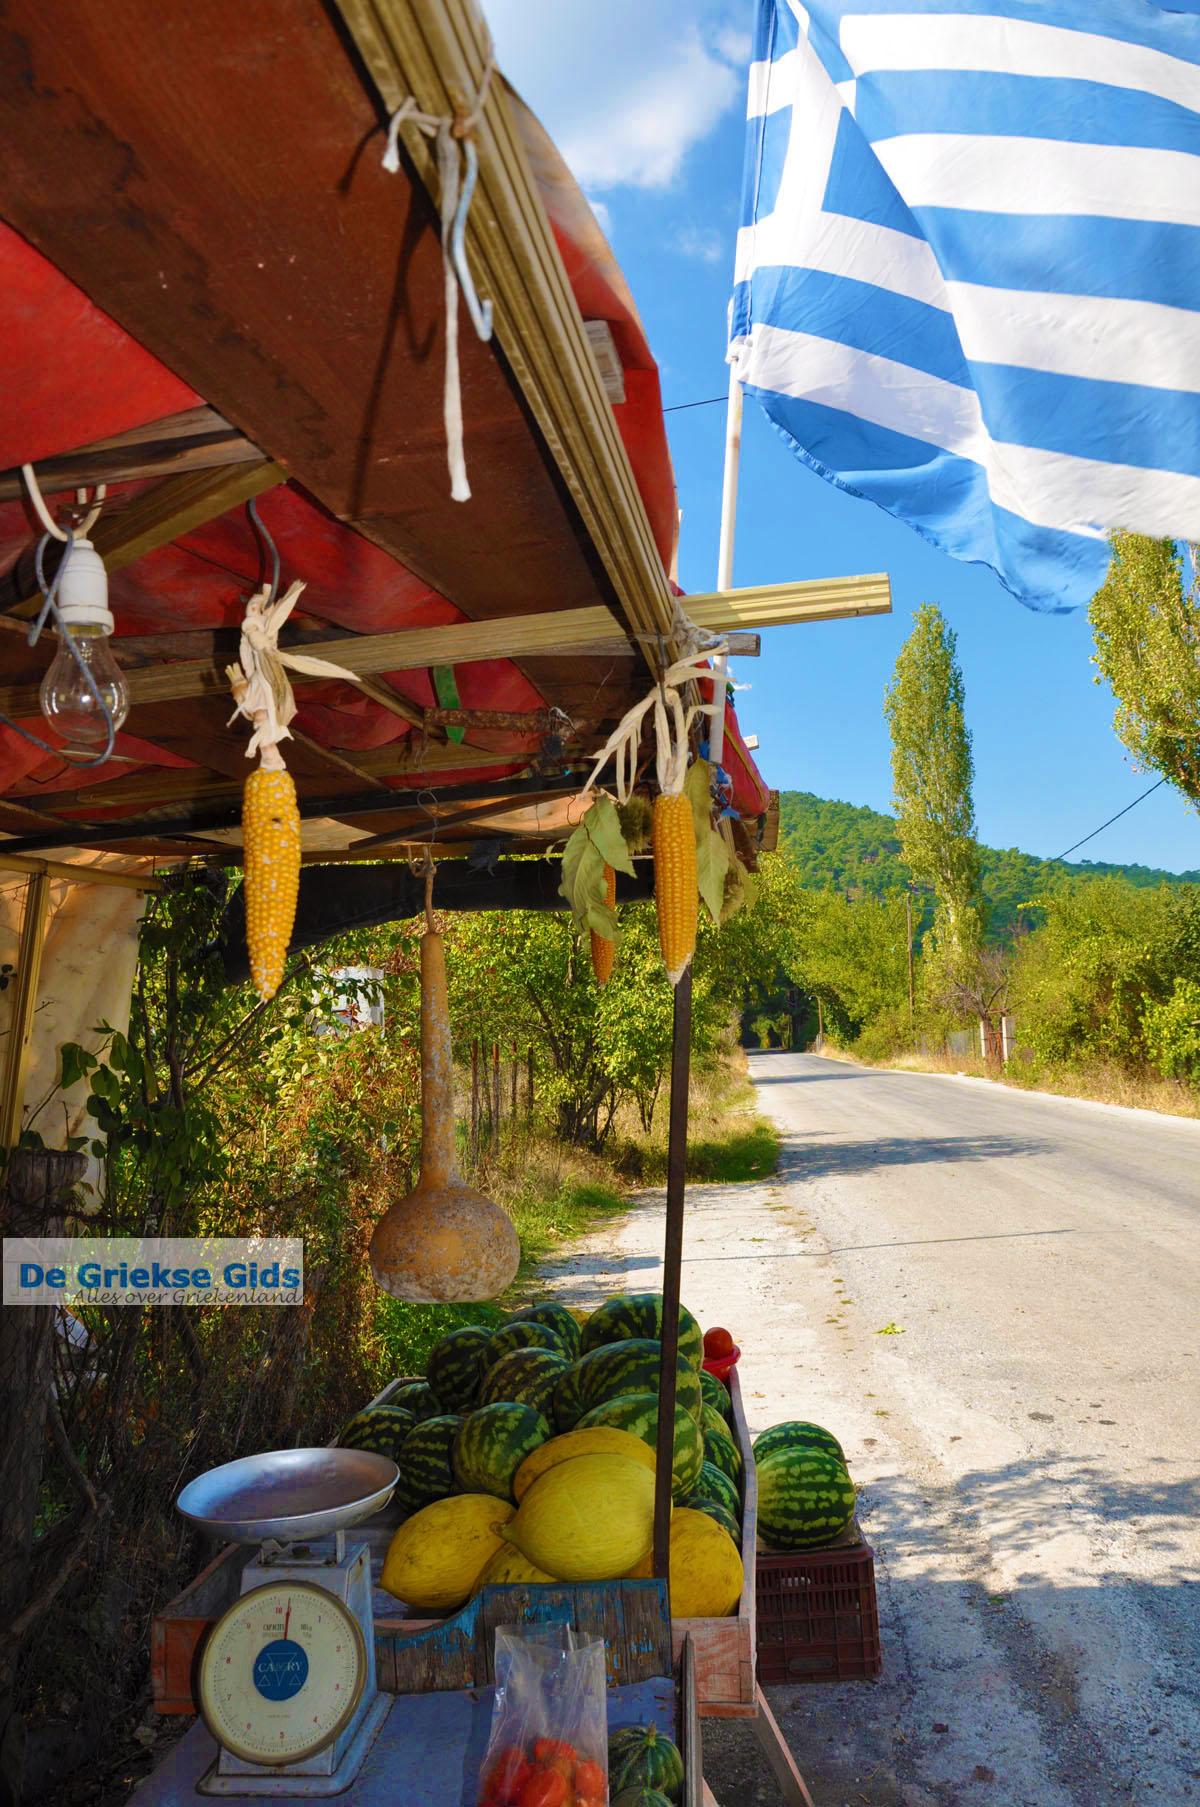 foto Agiasos (Agiassos) | Lesbos Griekenland | De Griekse Gids 3